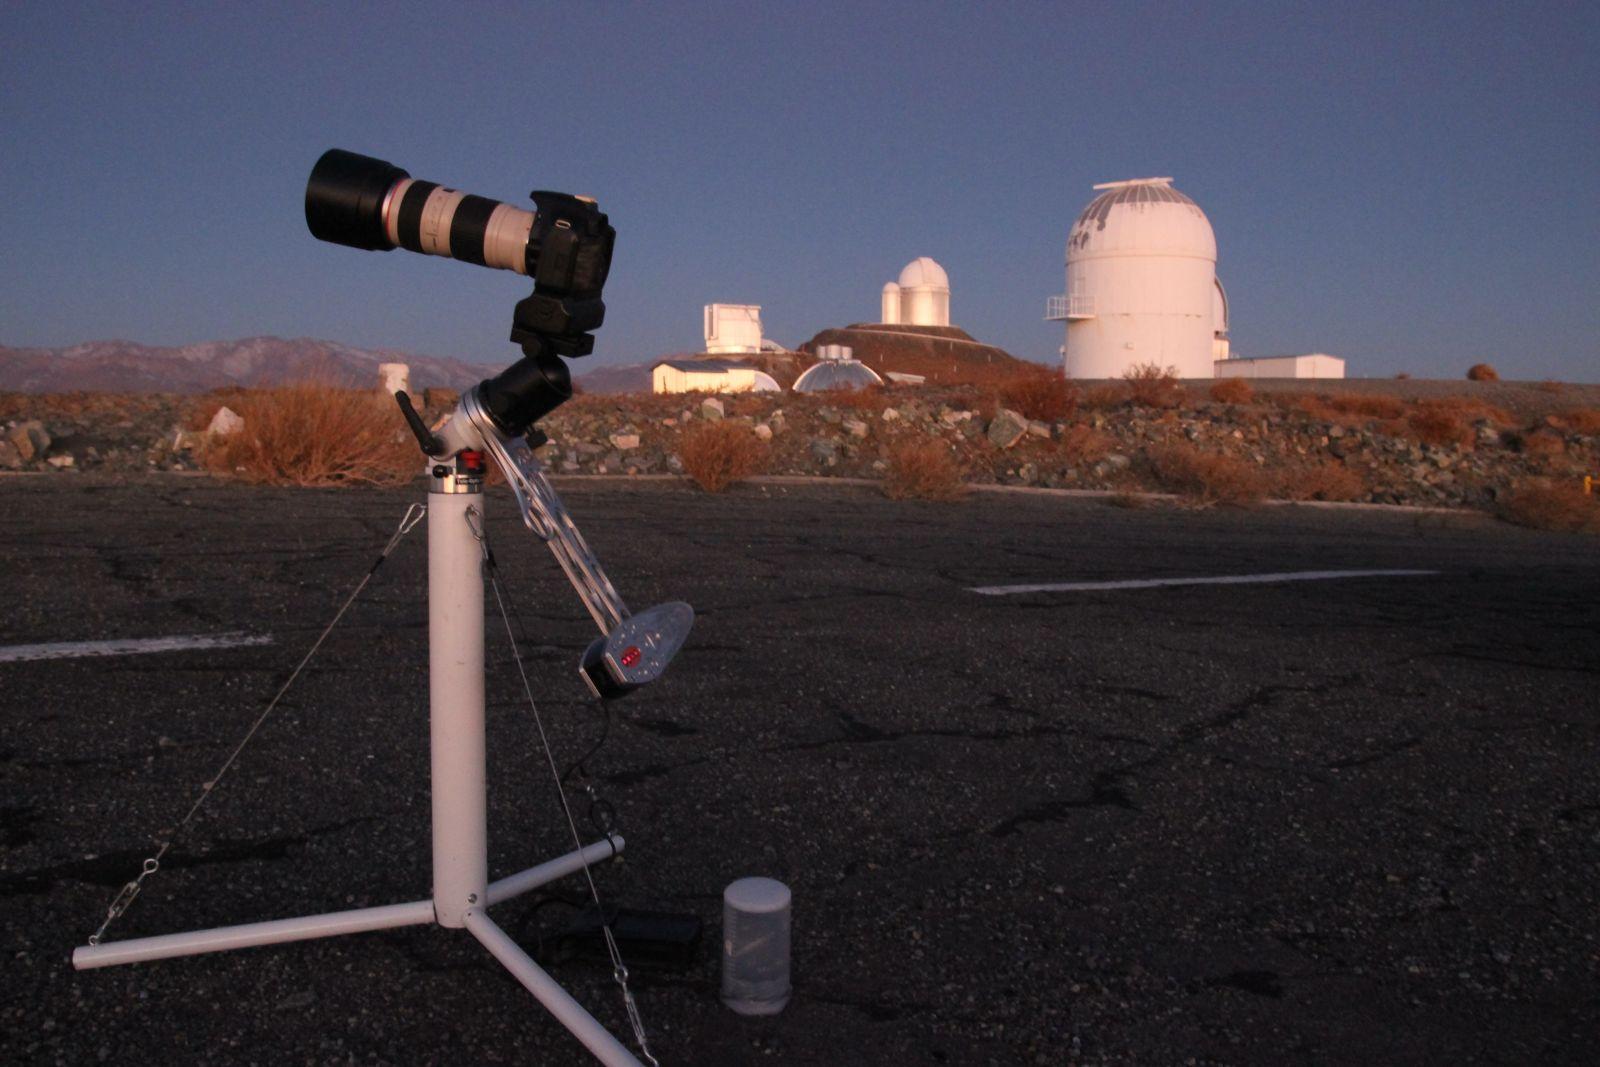 Kamera und Zubehör, bereit für die Nacht. Im Hintergrund einige Kuppeln des La-Silla-Observatoriums.